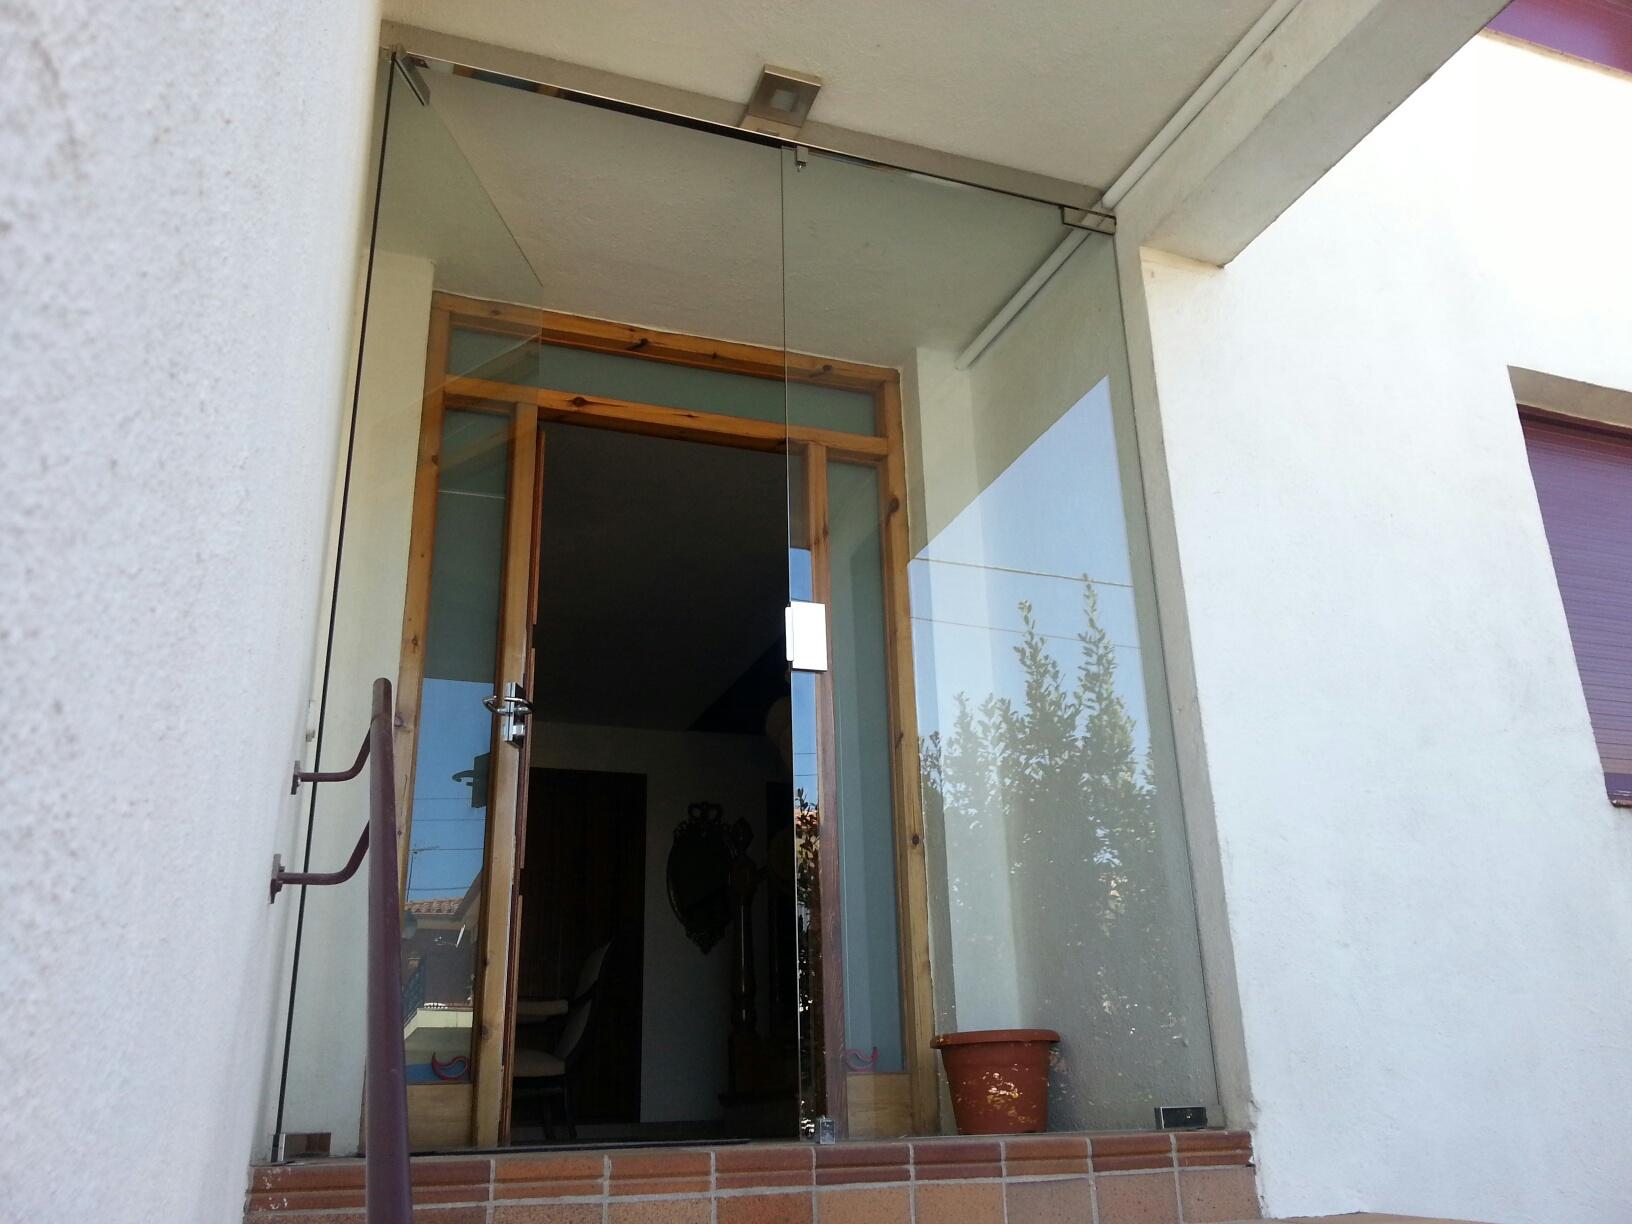 Puerta de entrada a vivienda tipo vidur con vidrio for Puertas para vivienda